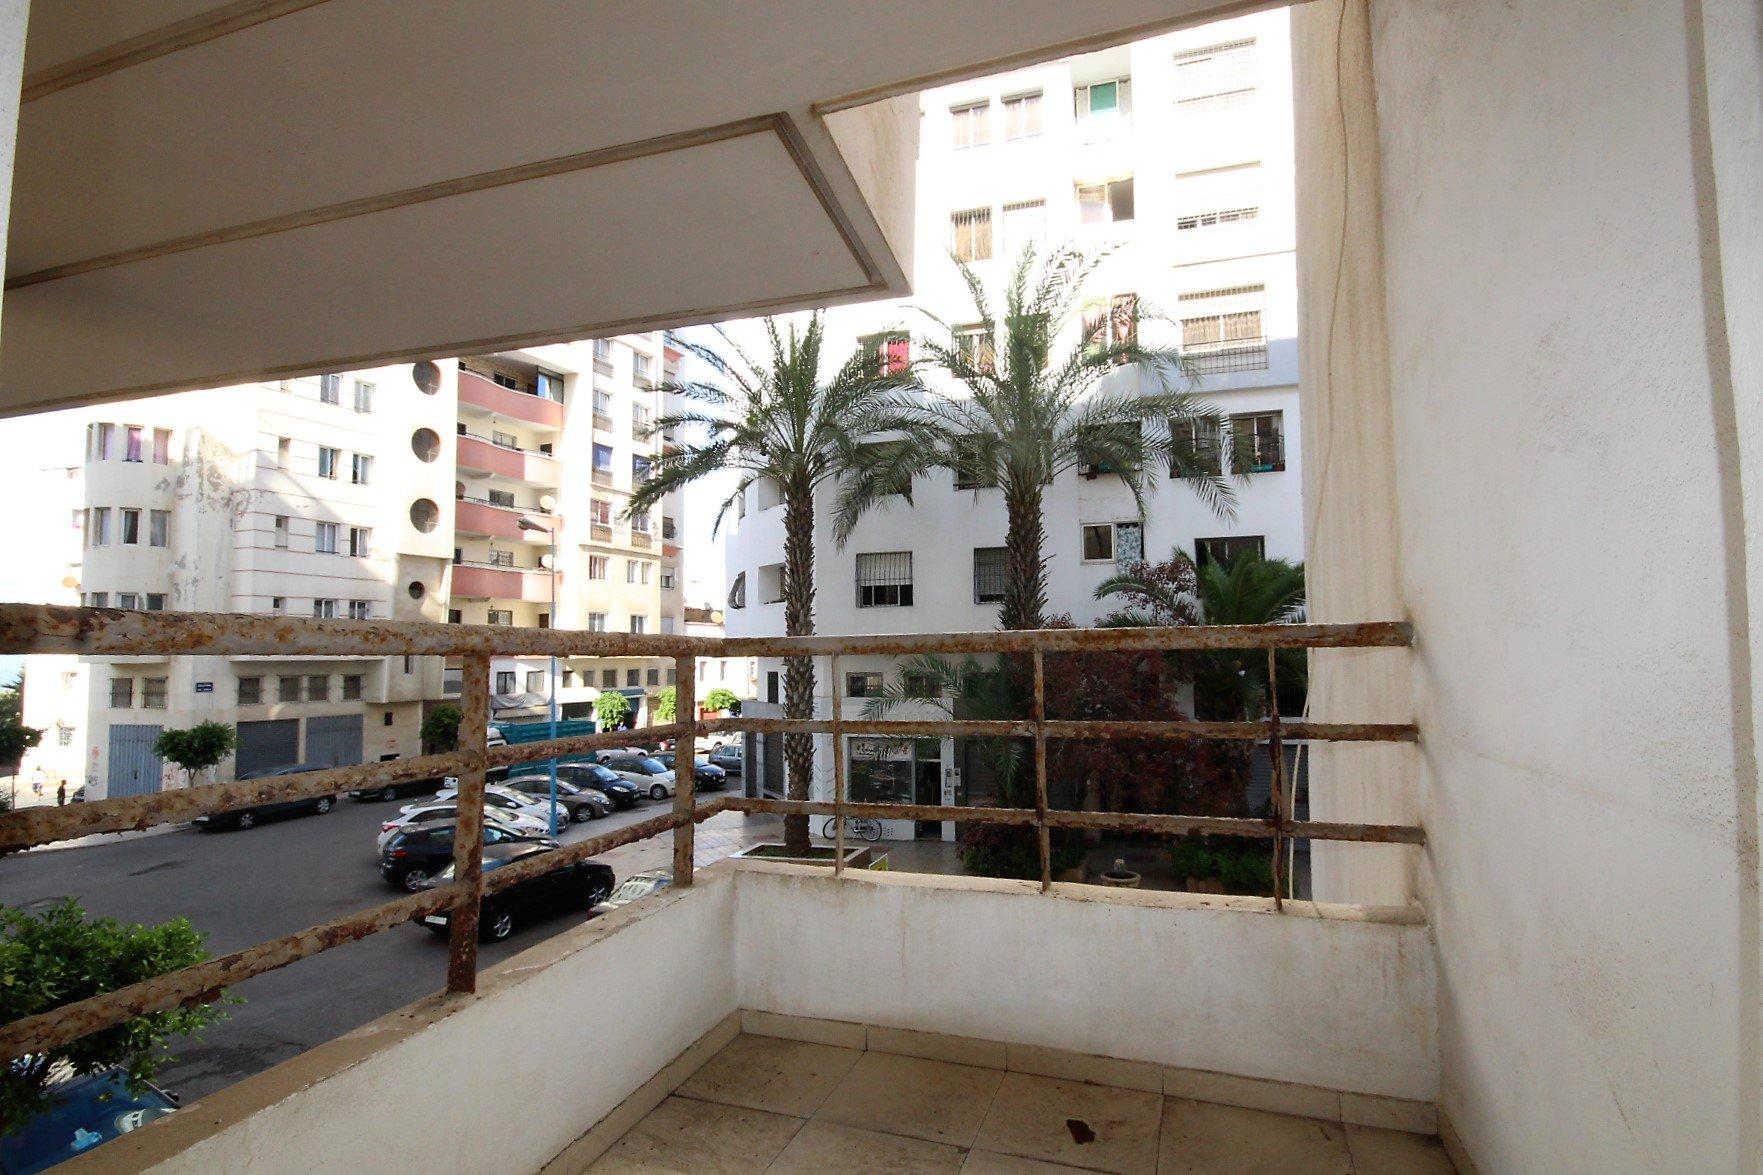 Maroc, Casablanca, Bourgogne, à louer meublé 2 chambres balcon avec parking